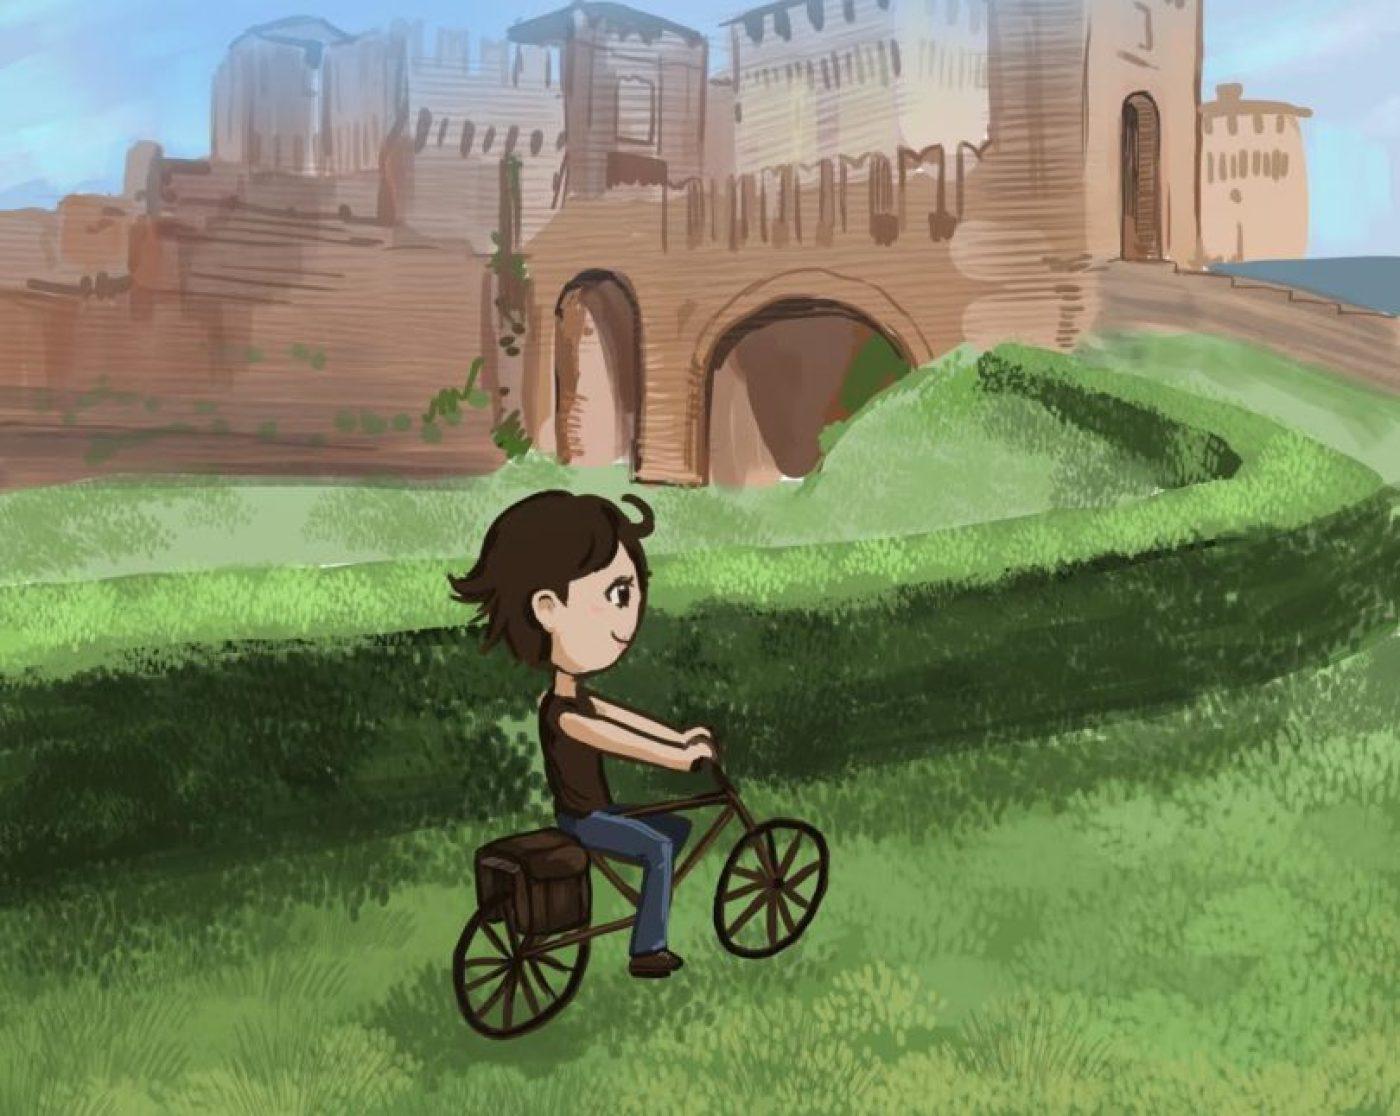 Nemmeno troppo Lontano, Maddalena Mariani, faccio come mi pare, facciocomemipare, facciocomemipare.com, expat blog, blog di viaggi, viaggiare in italia, viaggiare in lombardia, bici in lombardia